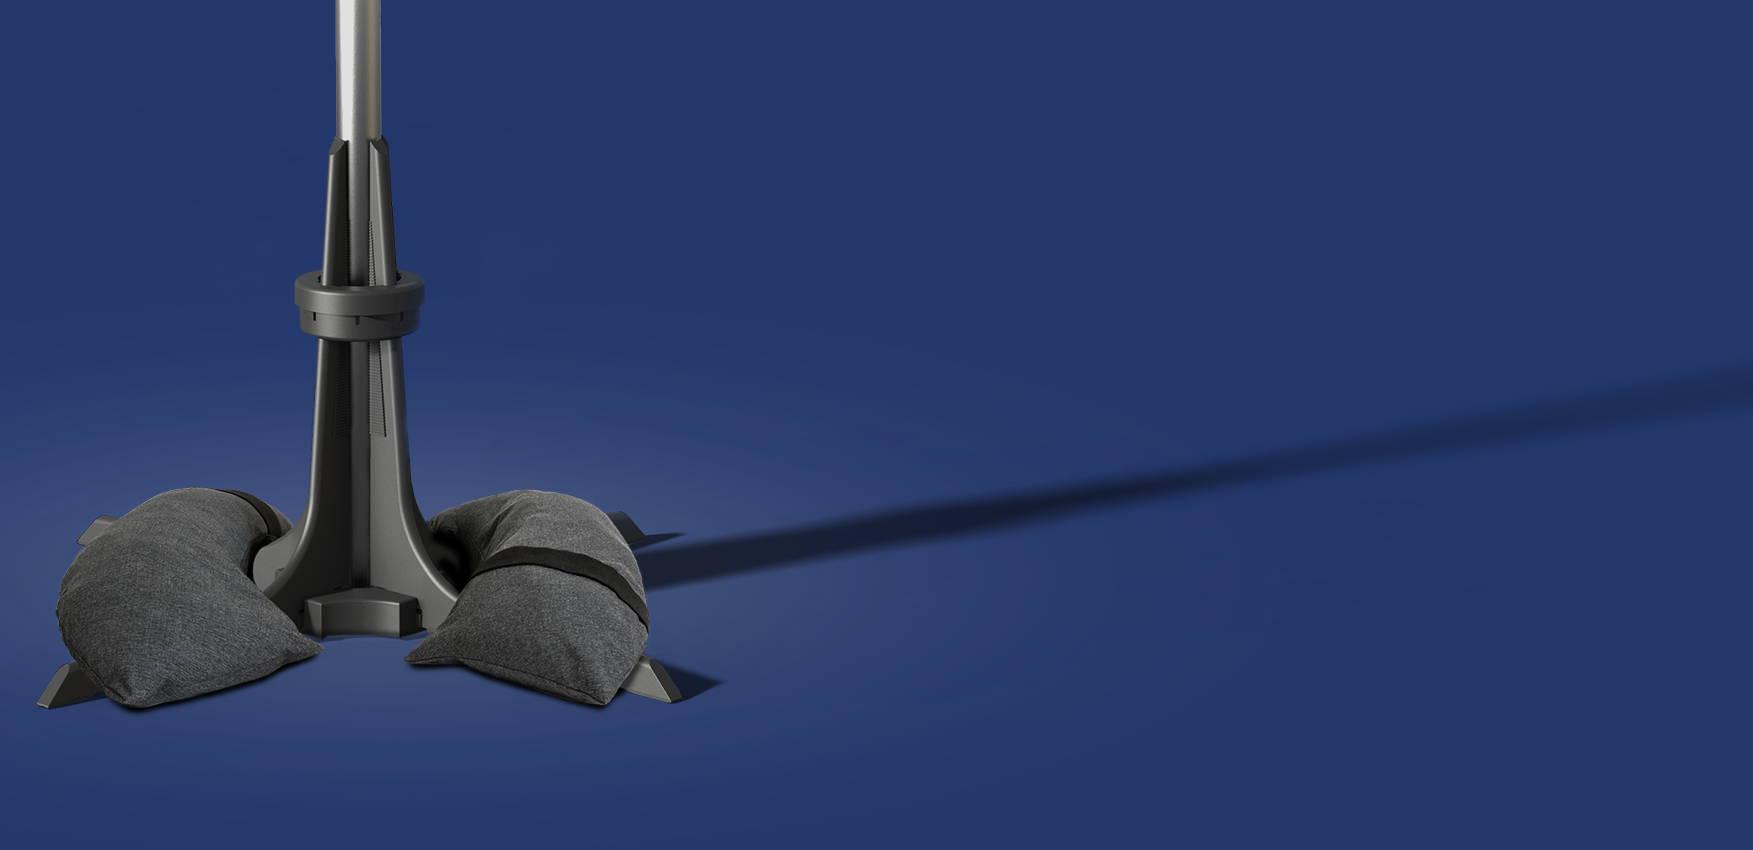 Baser parasolfod med sandsække